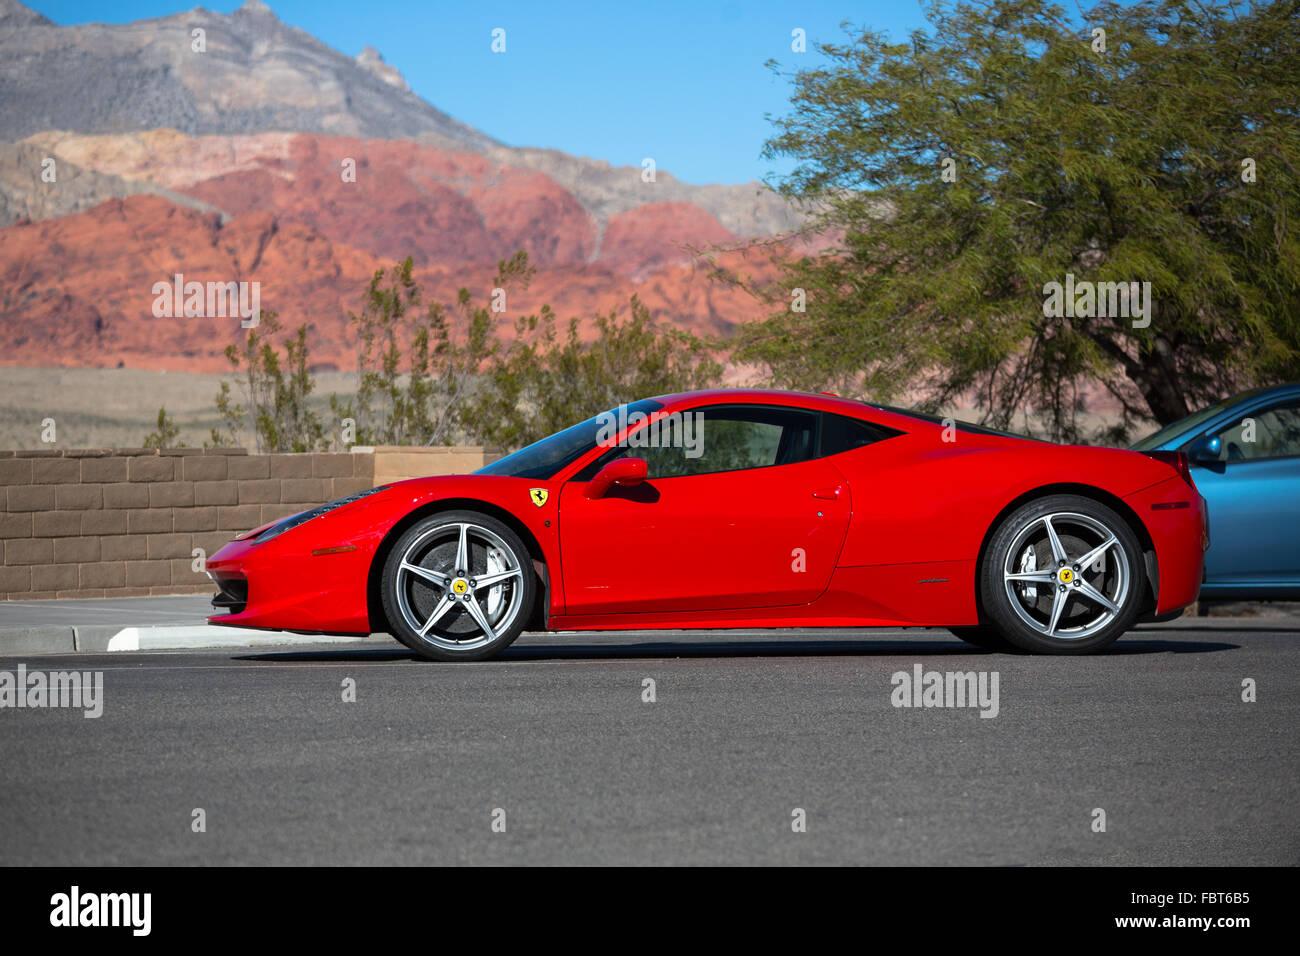 Ferrari 458 Italia en Rosso Corsa rojo contra las montañas del Cañón Red Rock en Las Vegas, Nevada Imagen De Stock